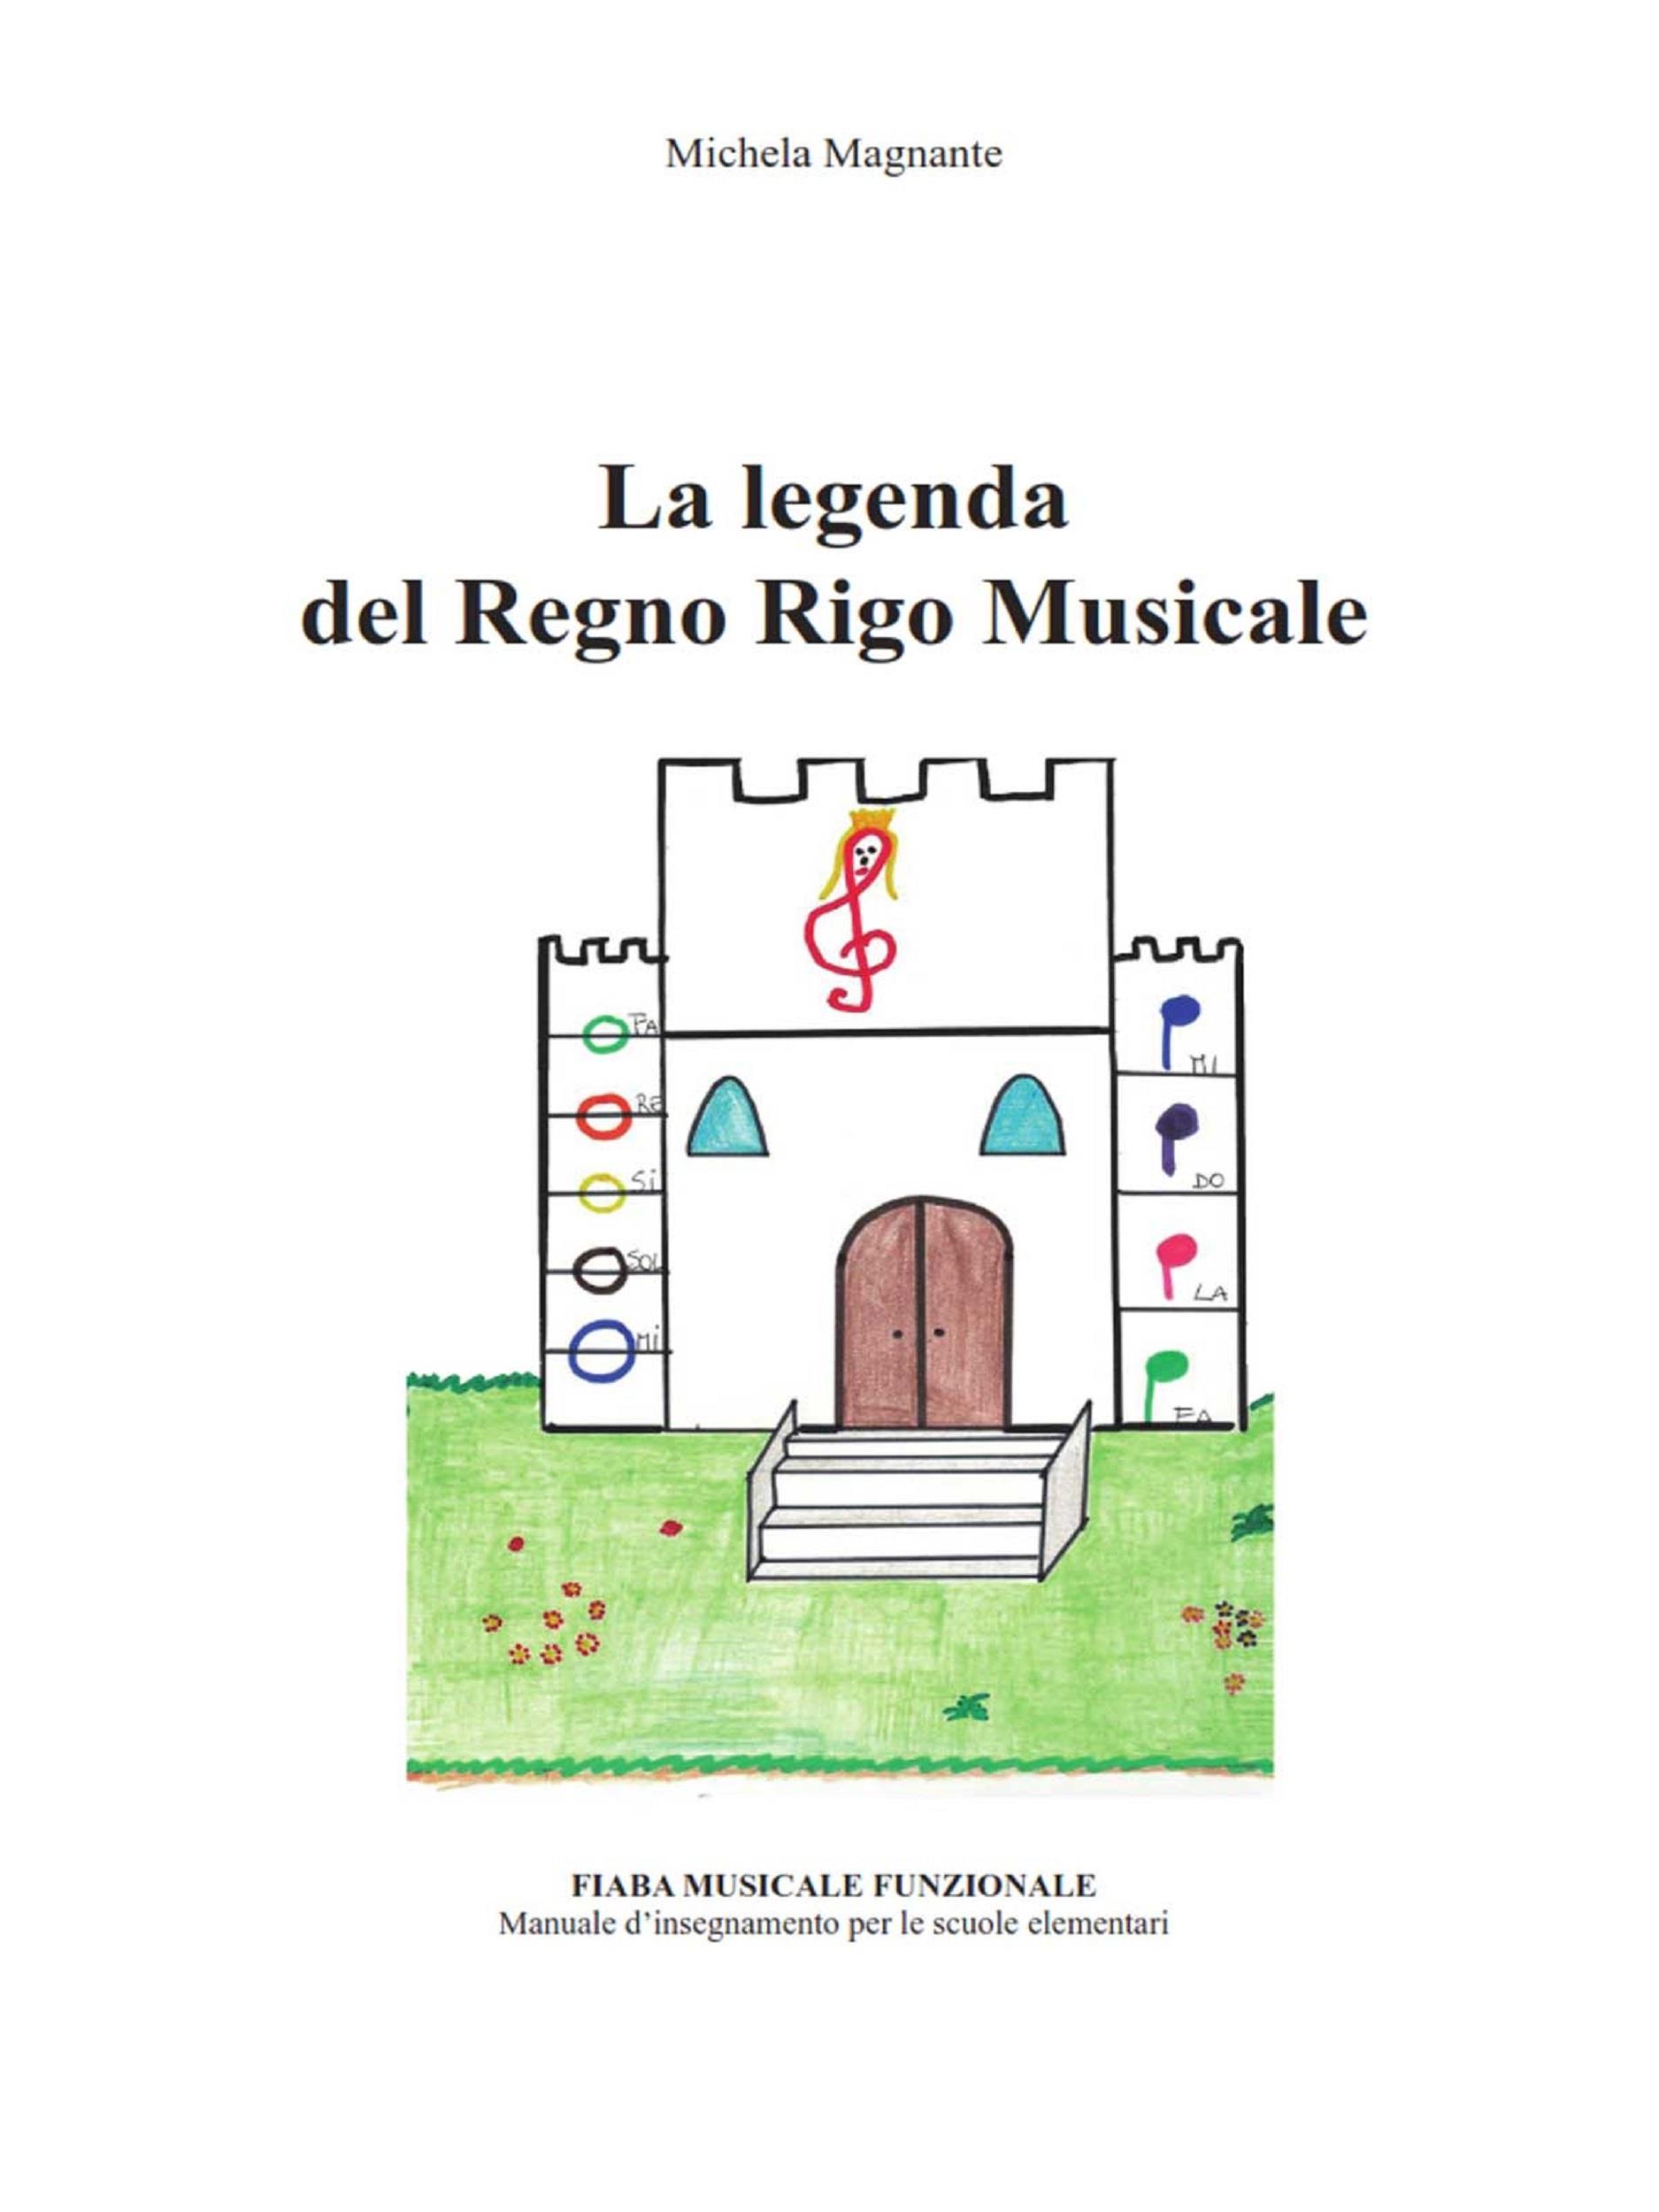 La leggenda del Regno Rigo Musicale